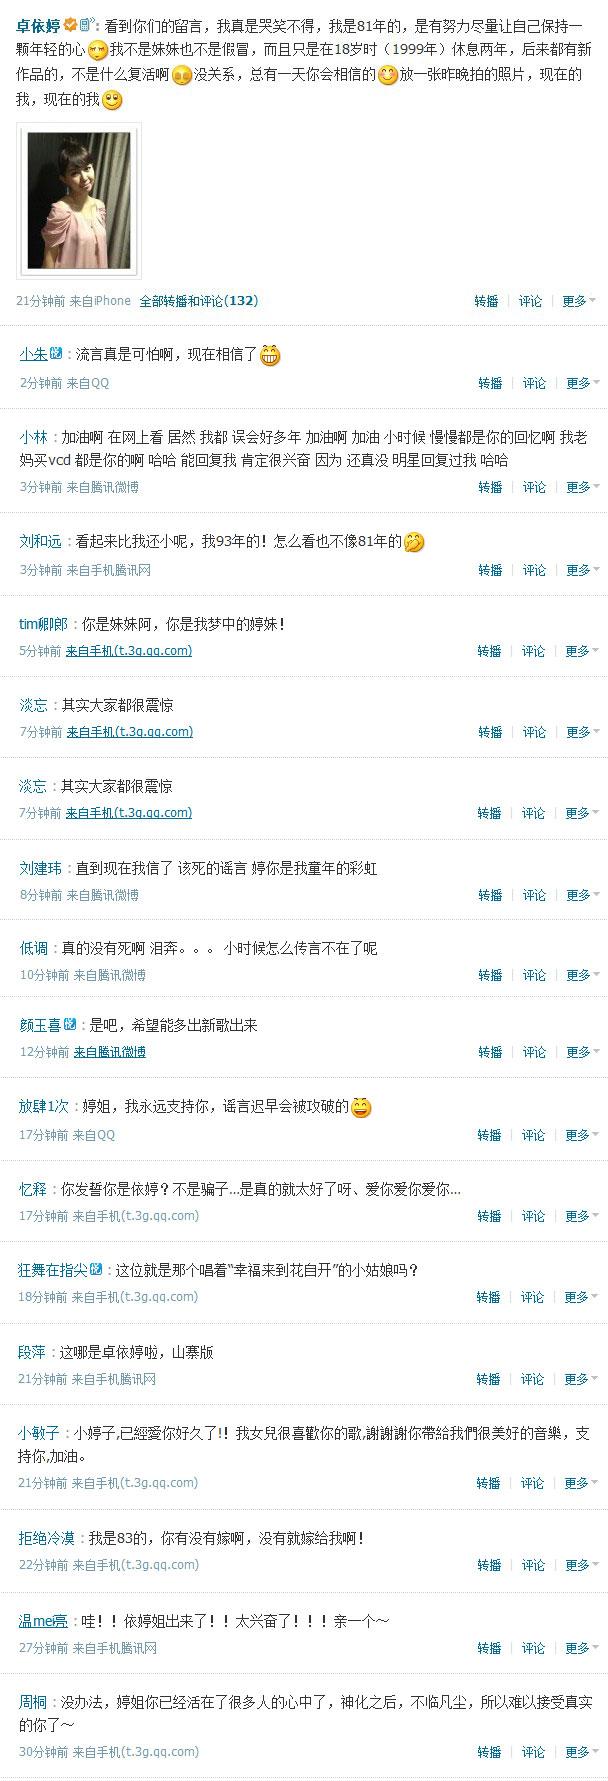 关于卓依婷还活着的新闻,粉丝爆笑的微博问候 2